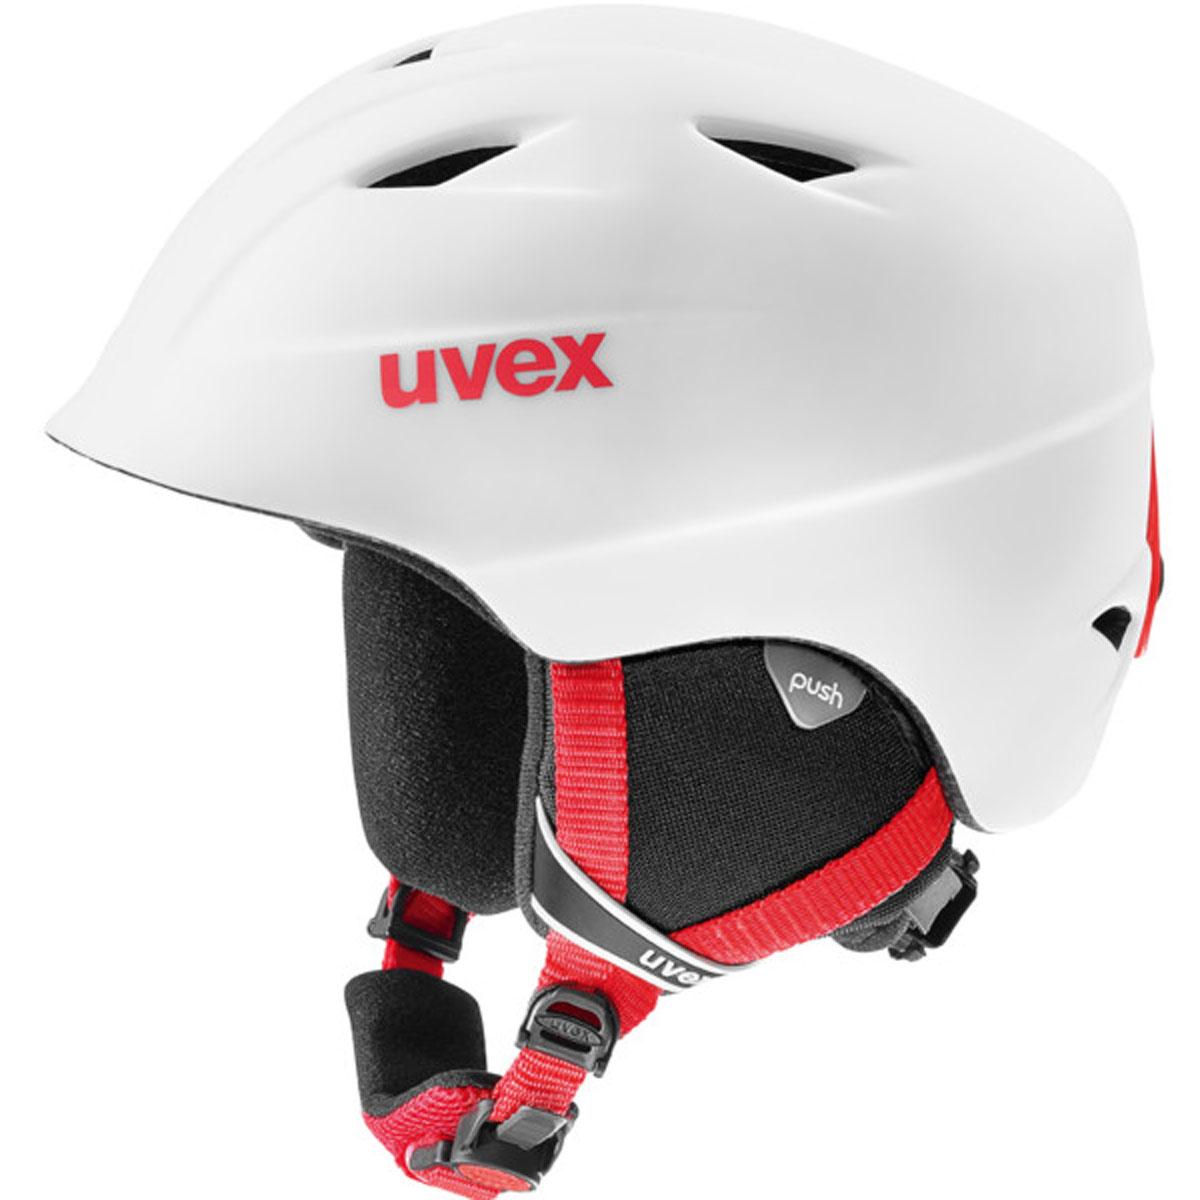 Шлем горнолыжный Uvex Airwing 2 Pro Kids Helmet, цвет: белый, красный матовый. Размер M6132Детский шлем Uvex Airwing 2 обеспечит юному лыжнику максимальный комфорт на склоне. В модели предусмотрены система вентиляции, съемная защита ушей и фиксатор стрэпа маски. Система индивидуальной подгонки размера IAS и застежка Monomatic позволят надежно закрепить шлем на голове. Подкладка выполнена из гипоаллергенного материала.